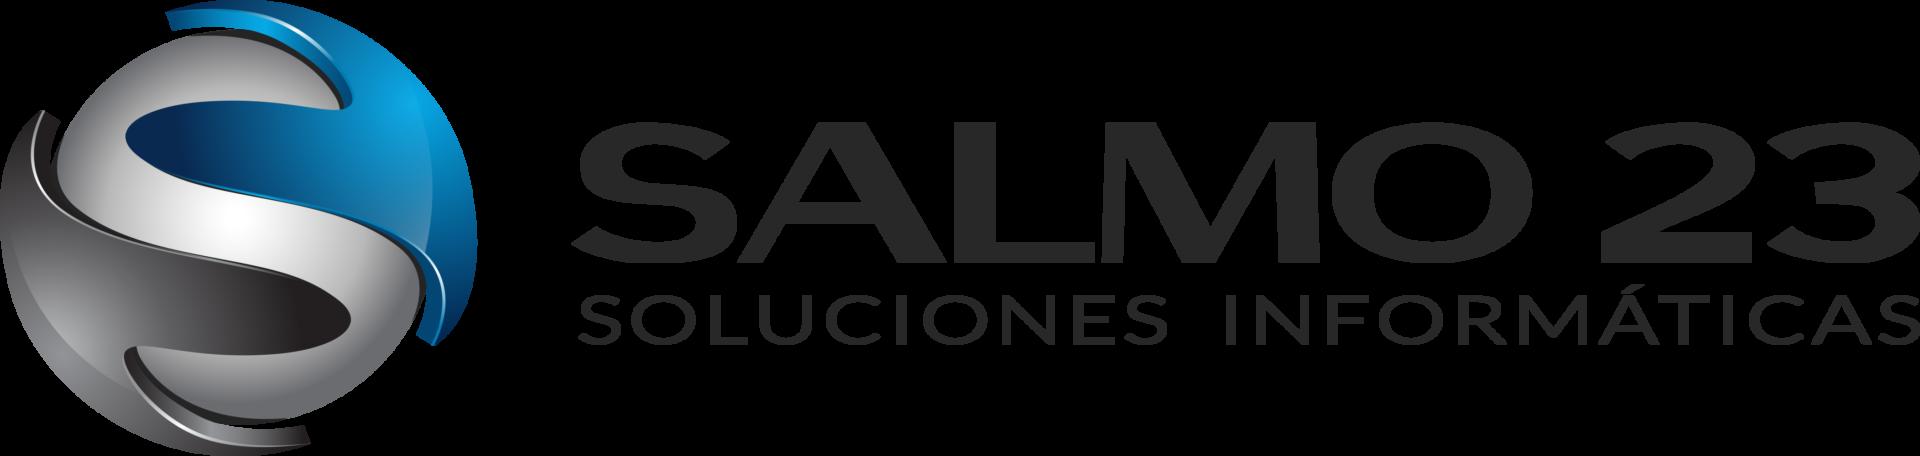 SALMO 23 Soluciones Informáticas